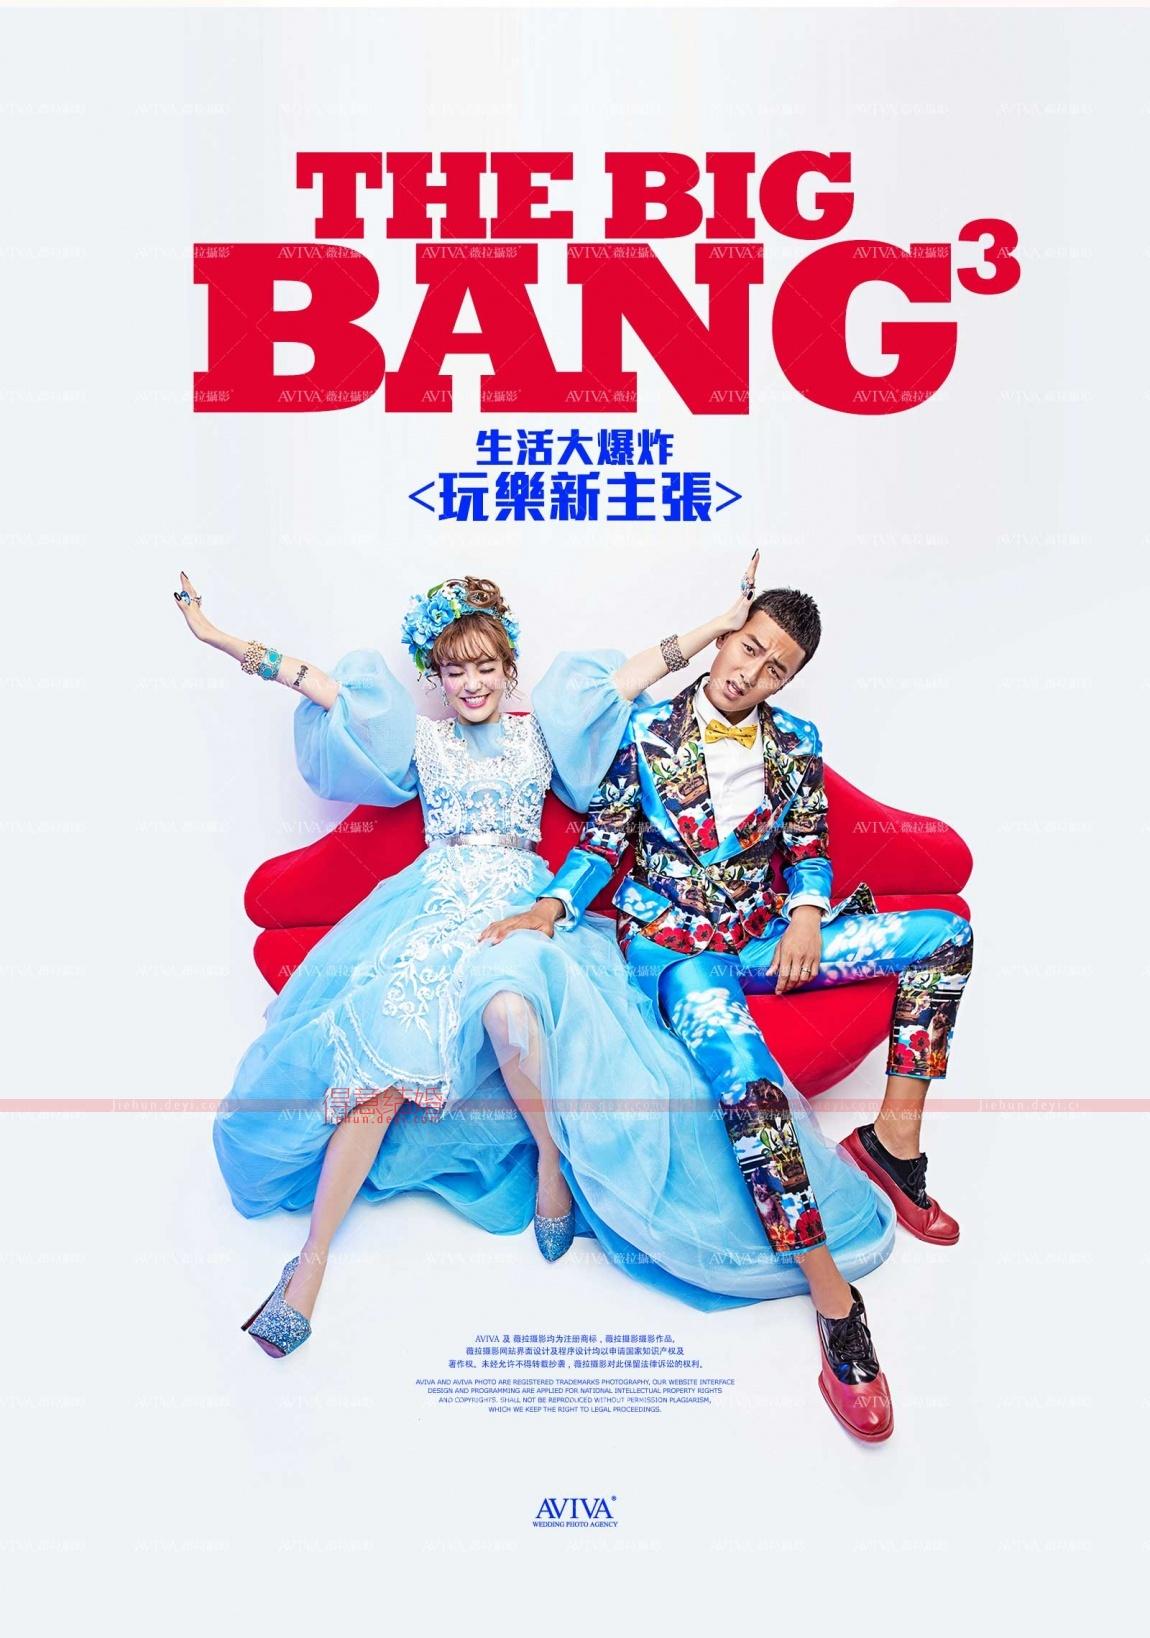 新生活大爆炸3_生活大爆炸3-玩乐新主张_薇拉摄影最新样片_武汉得意结婚网